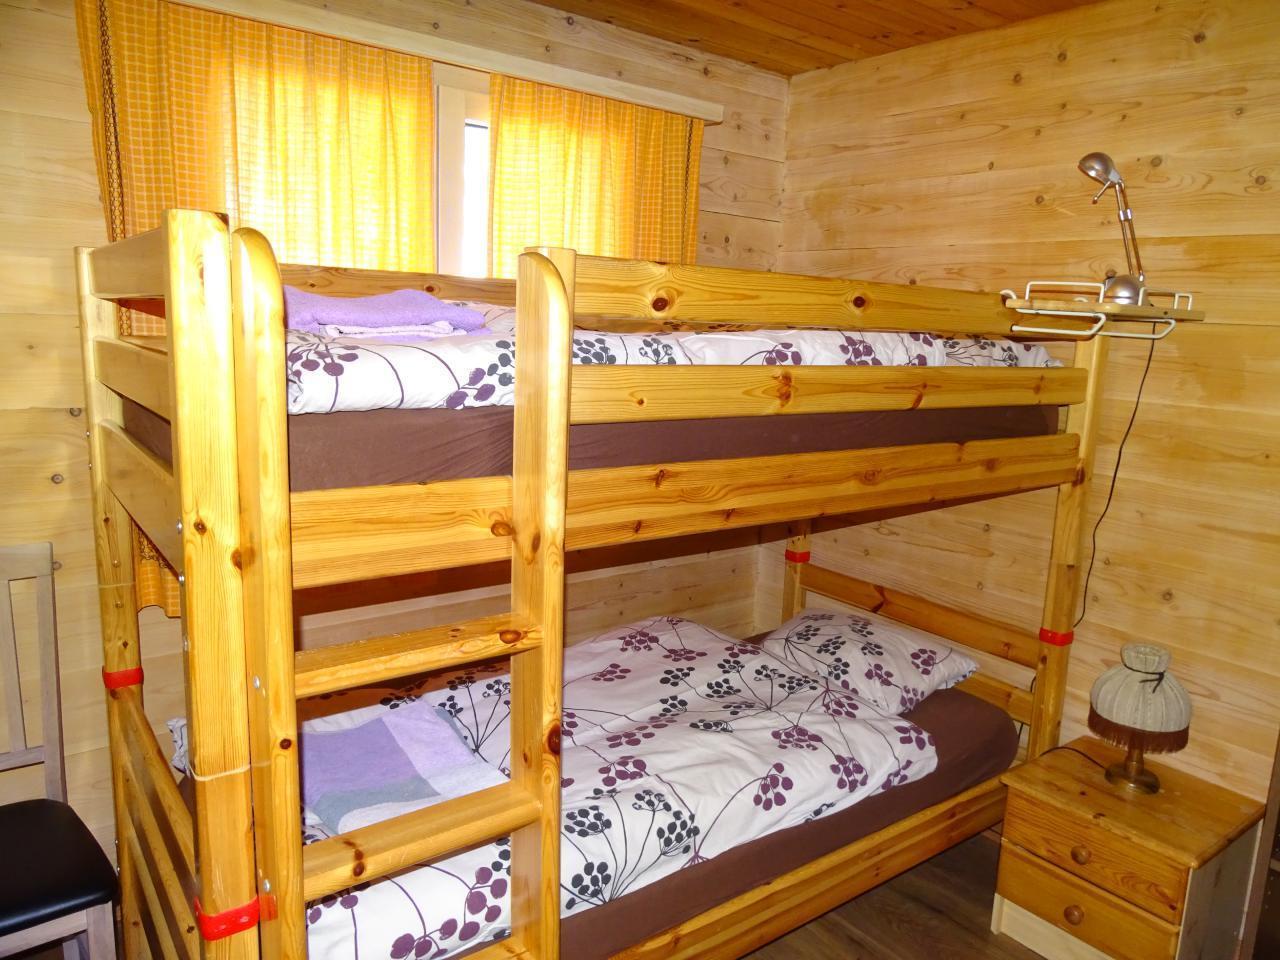 Appartement de vacances Chalet Stefanino, 3 1/2 Zimmer (487097), Bellwald, Aletsch - Conches, Valais, Suisse, image 7